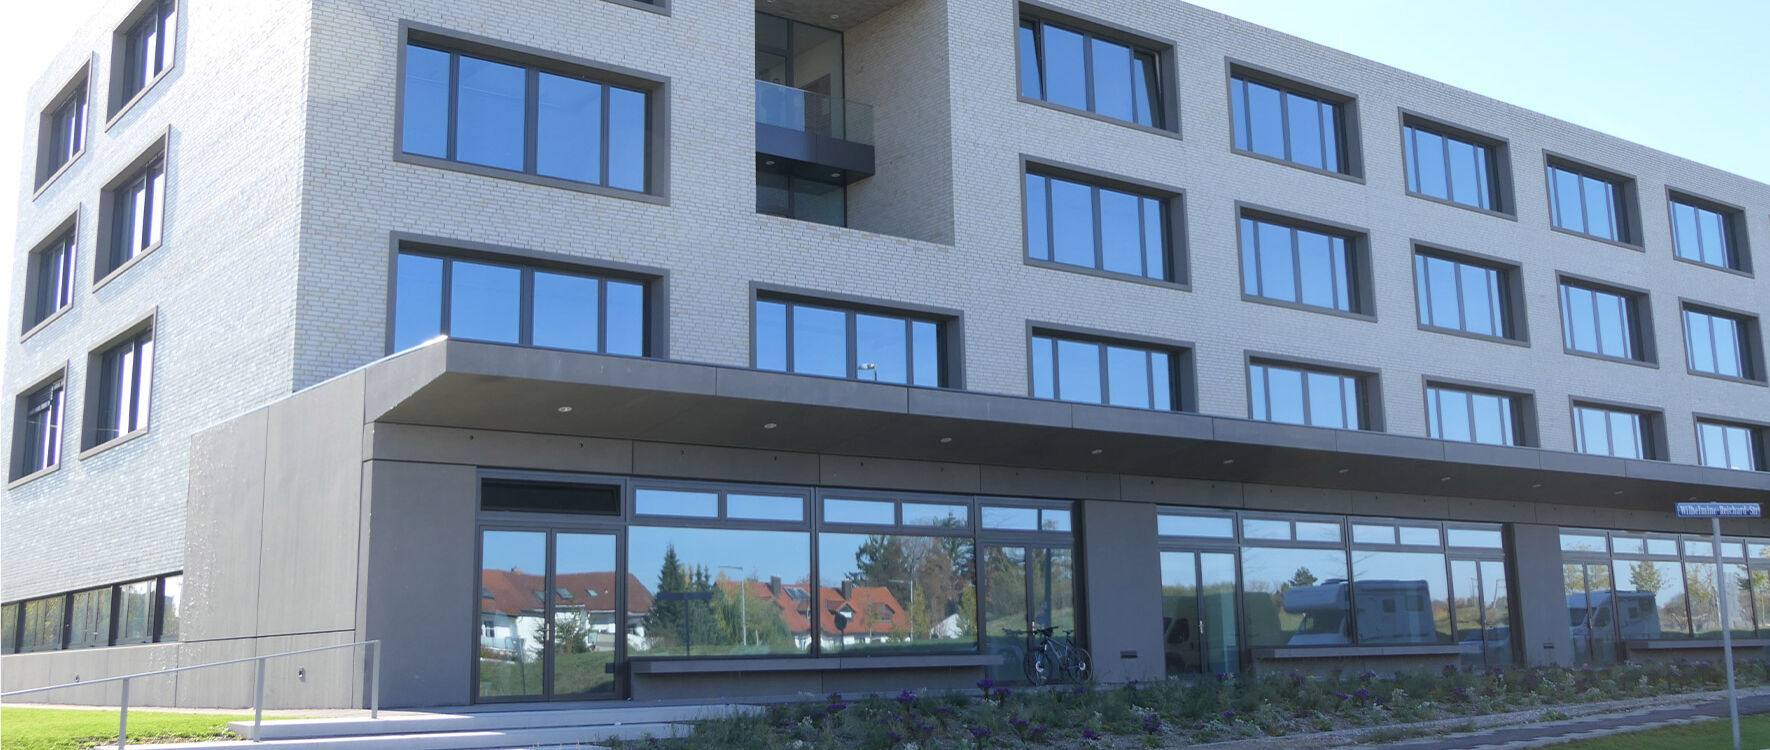 MGH Münchner Gewerbehof Nord Lerchenau